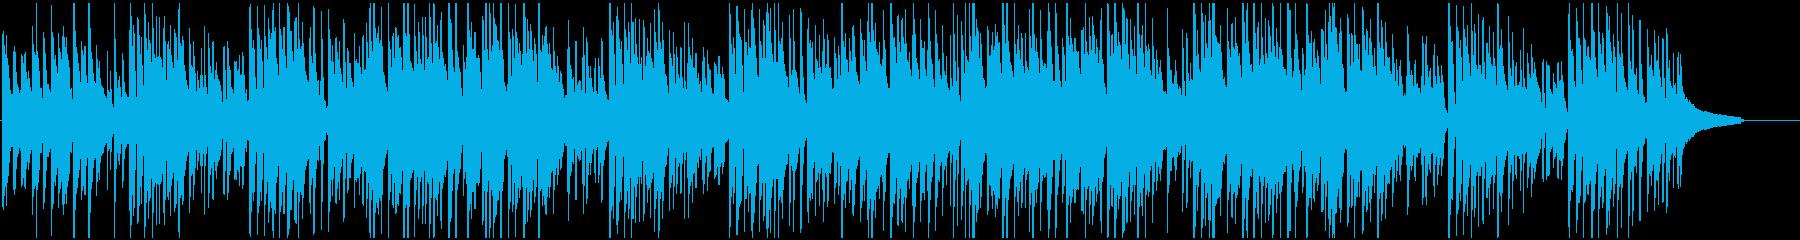 アプリや映像に ウクレレで爽やかボサノバの再生済みの波形